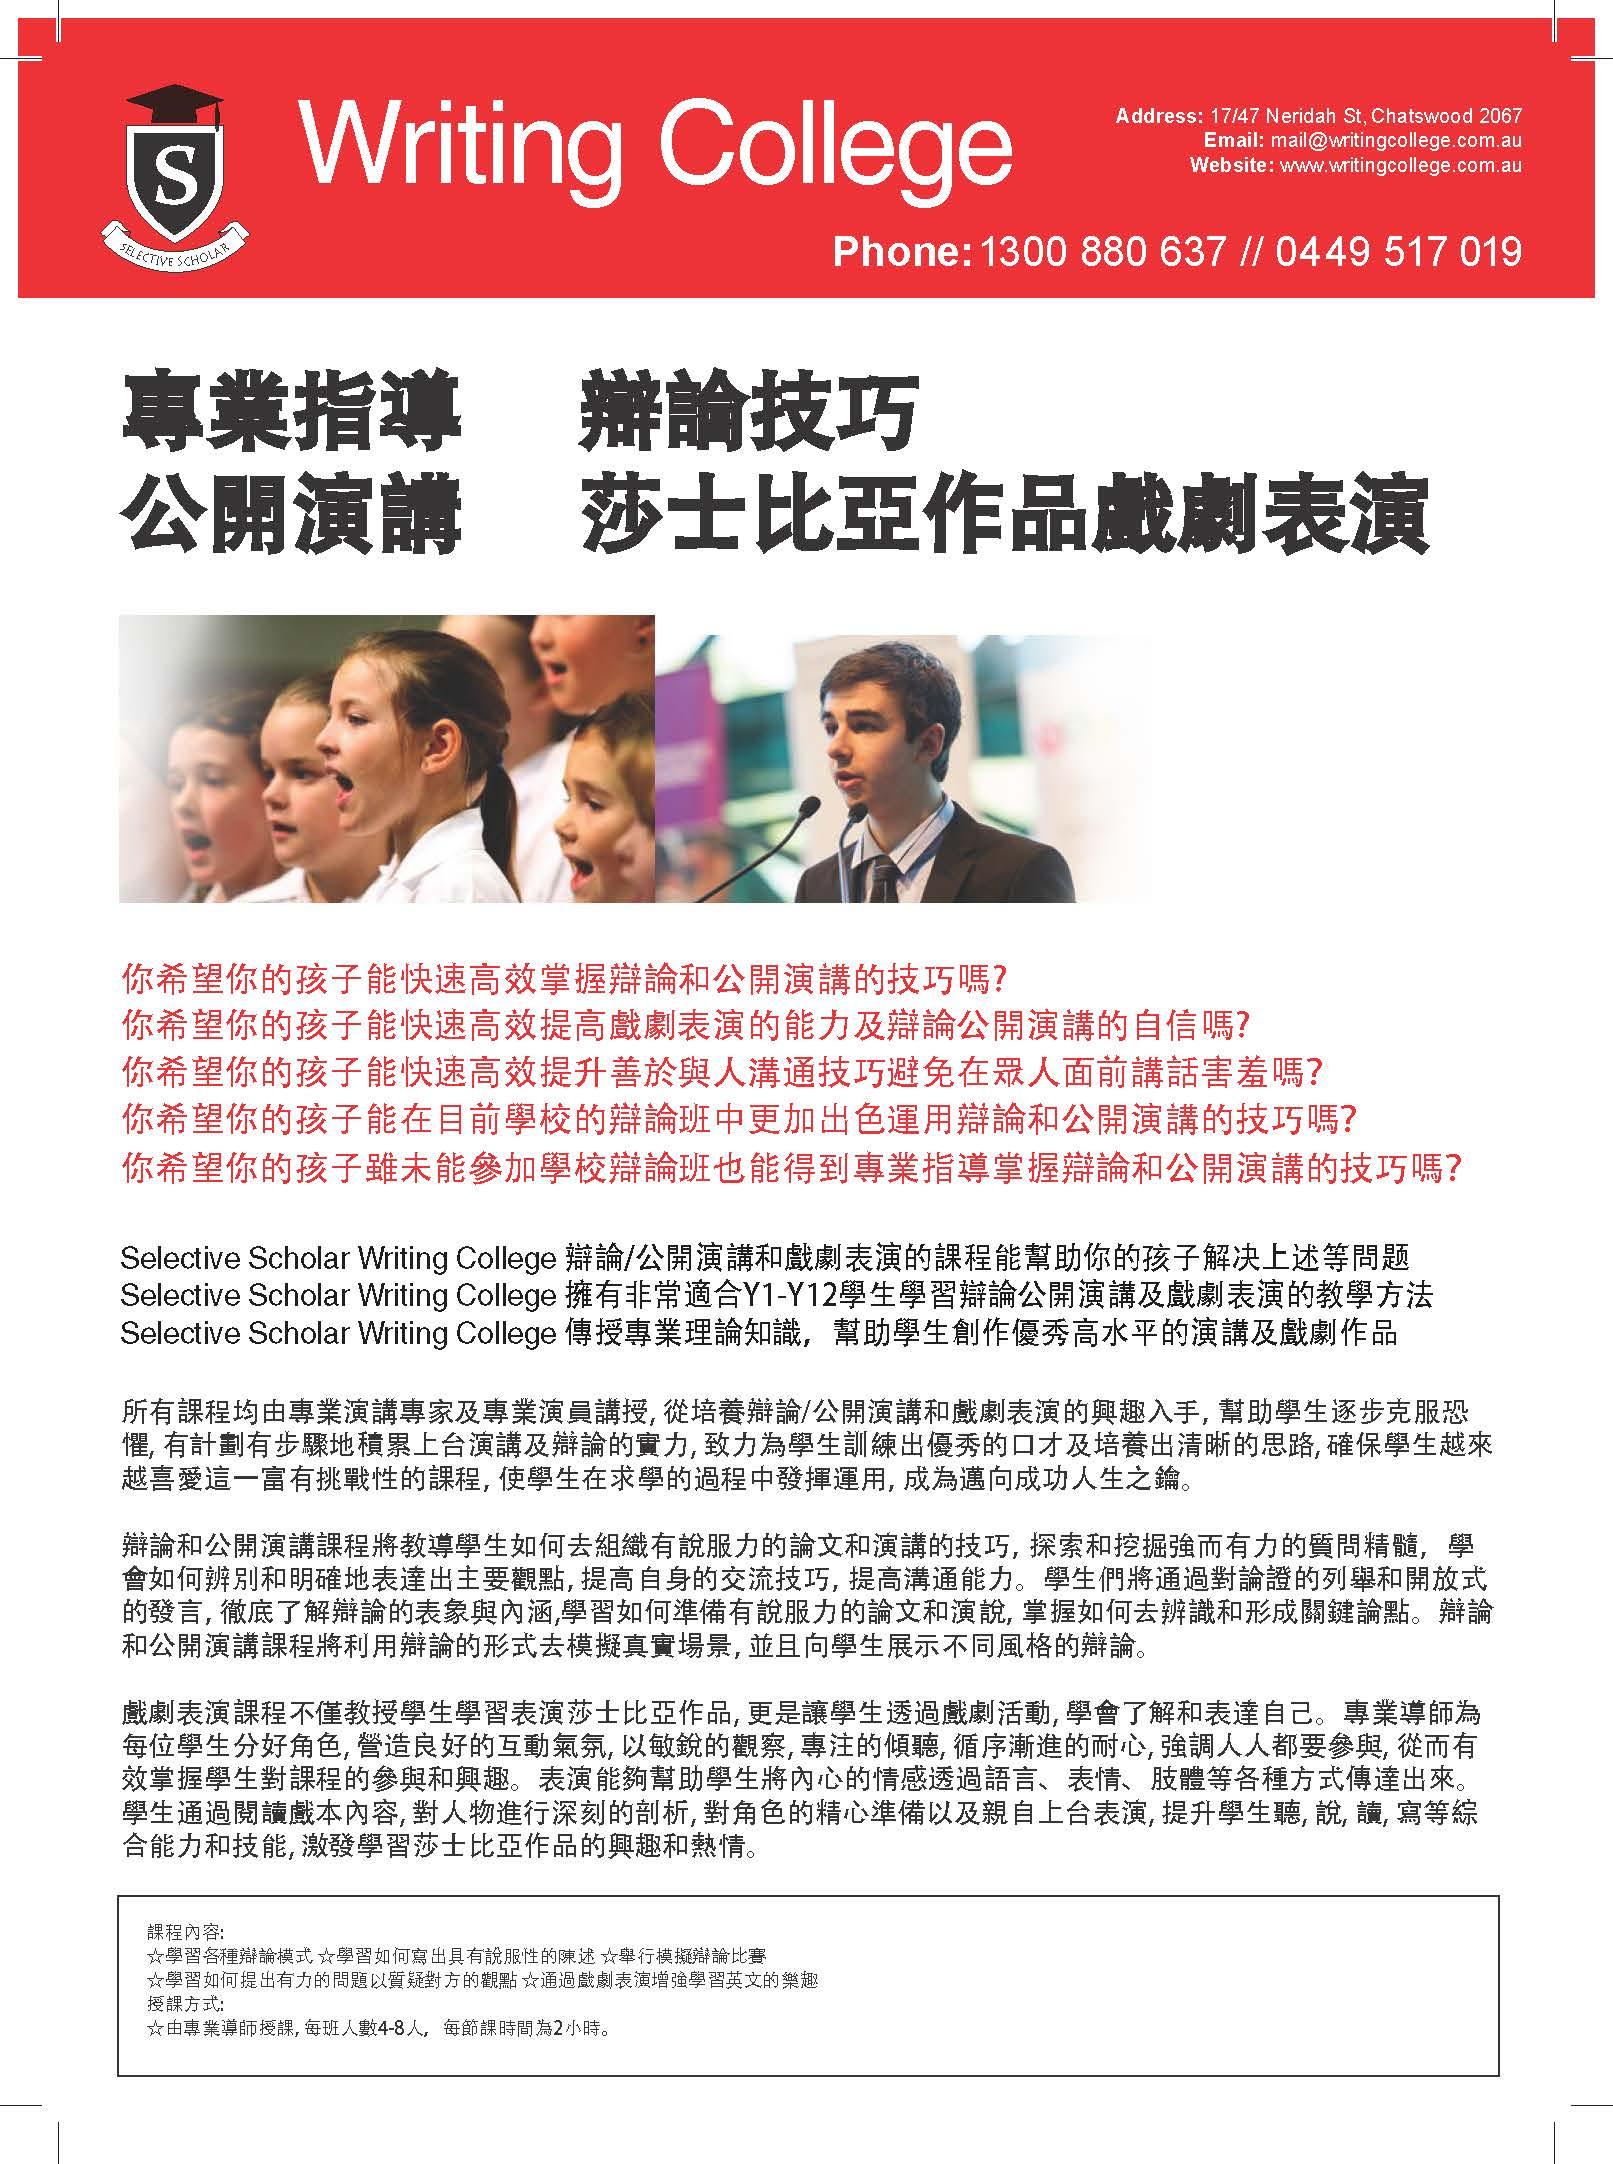 Australian Chinese Weekly 2.jpg